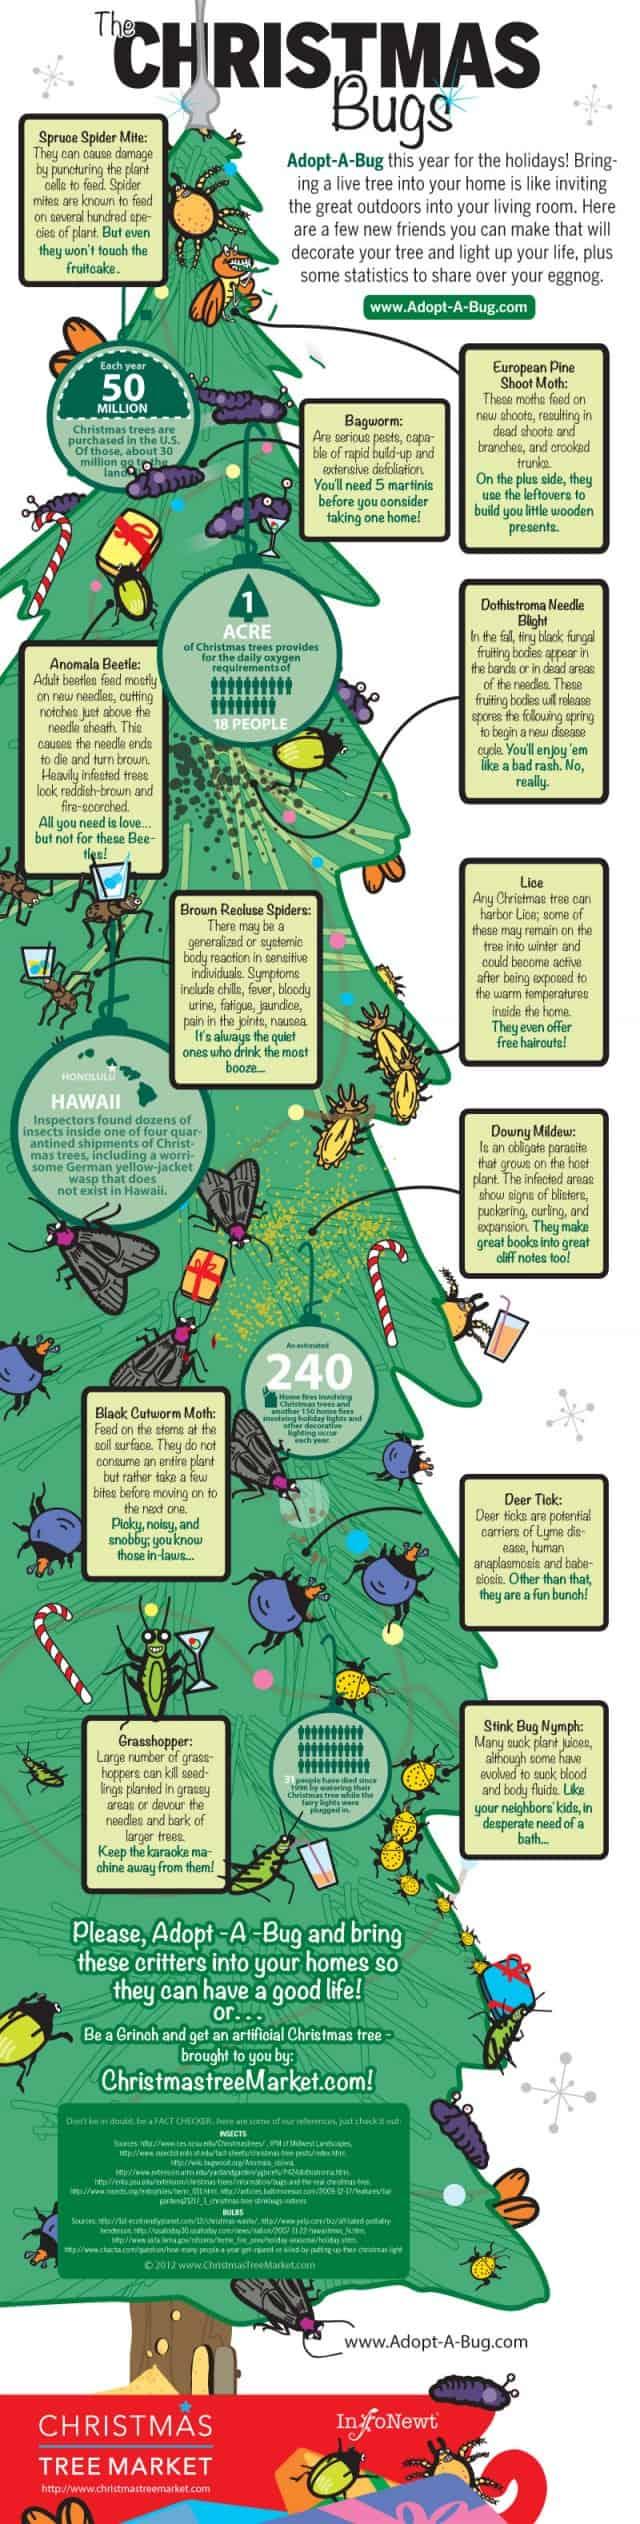 Christmas Bugs Infographic